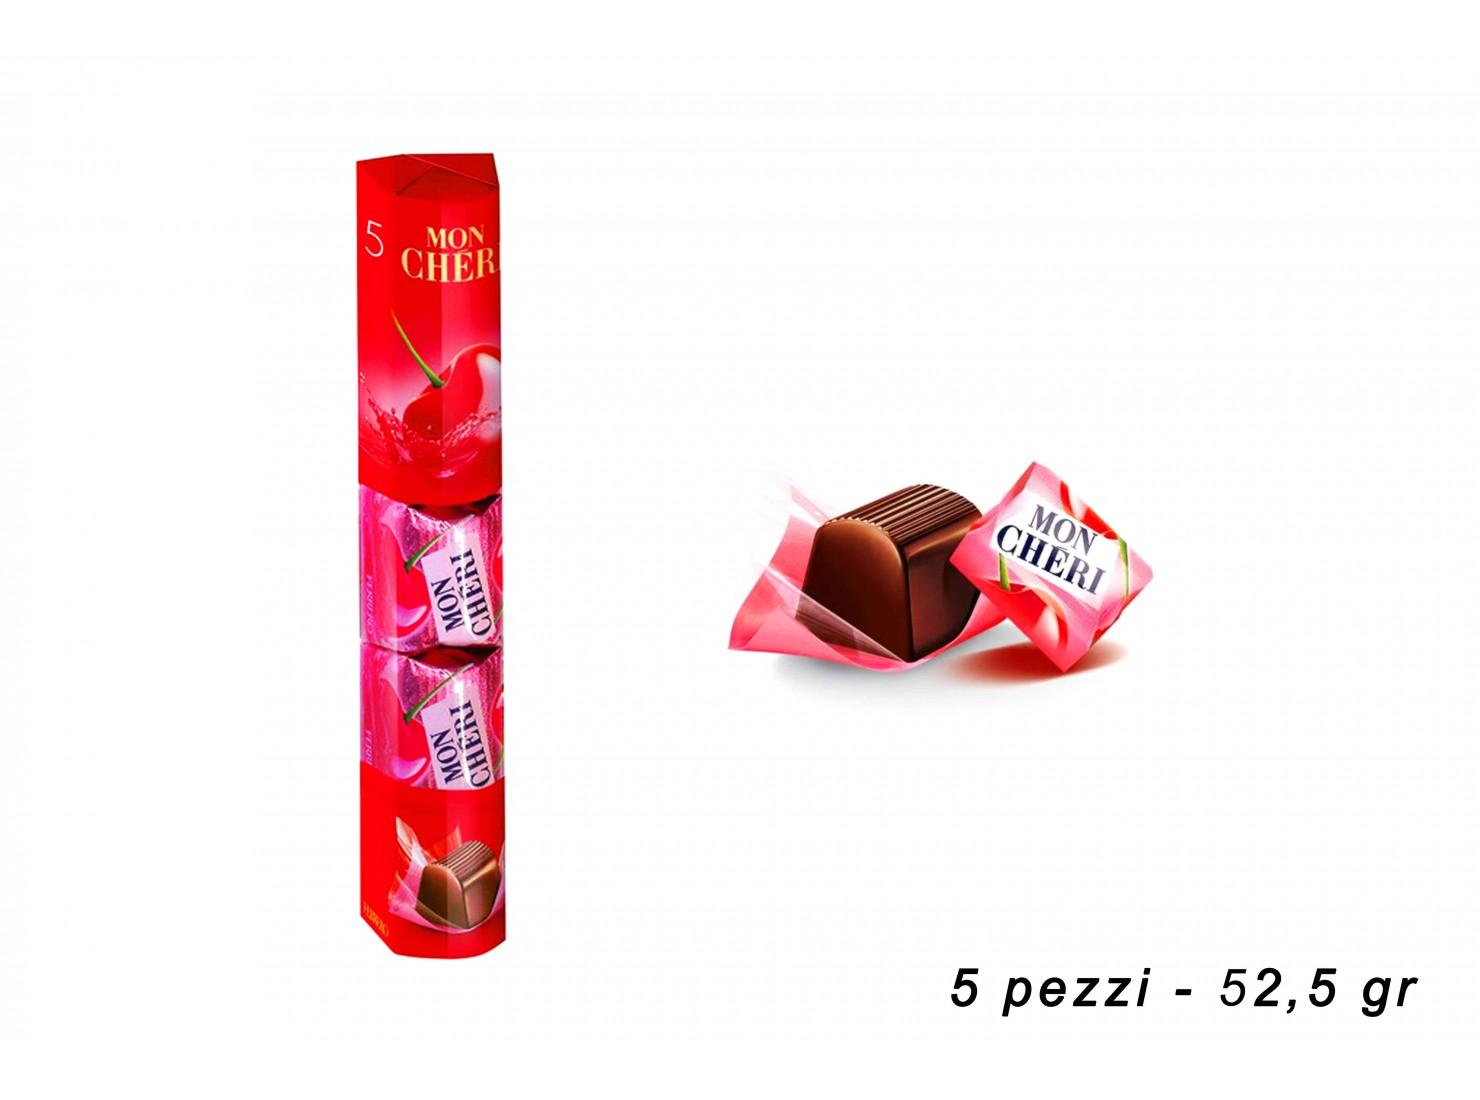 MON CHERI 5 PZ 52.5 GR